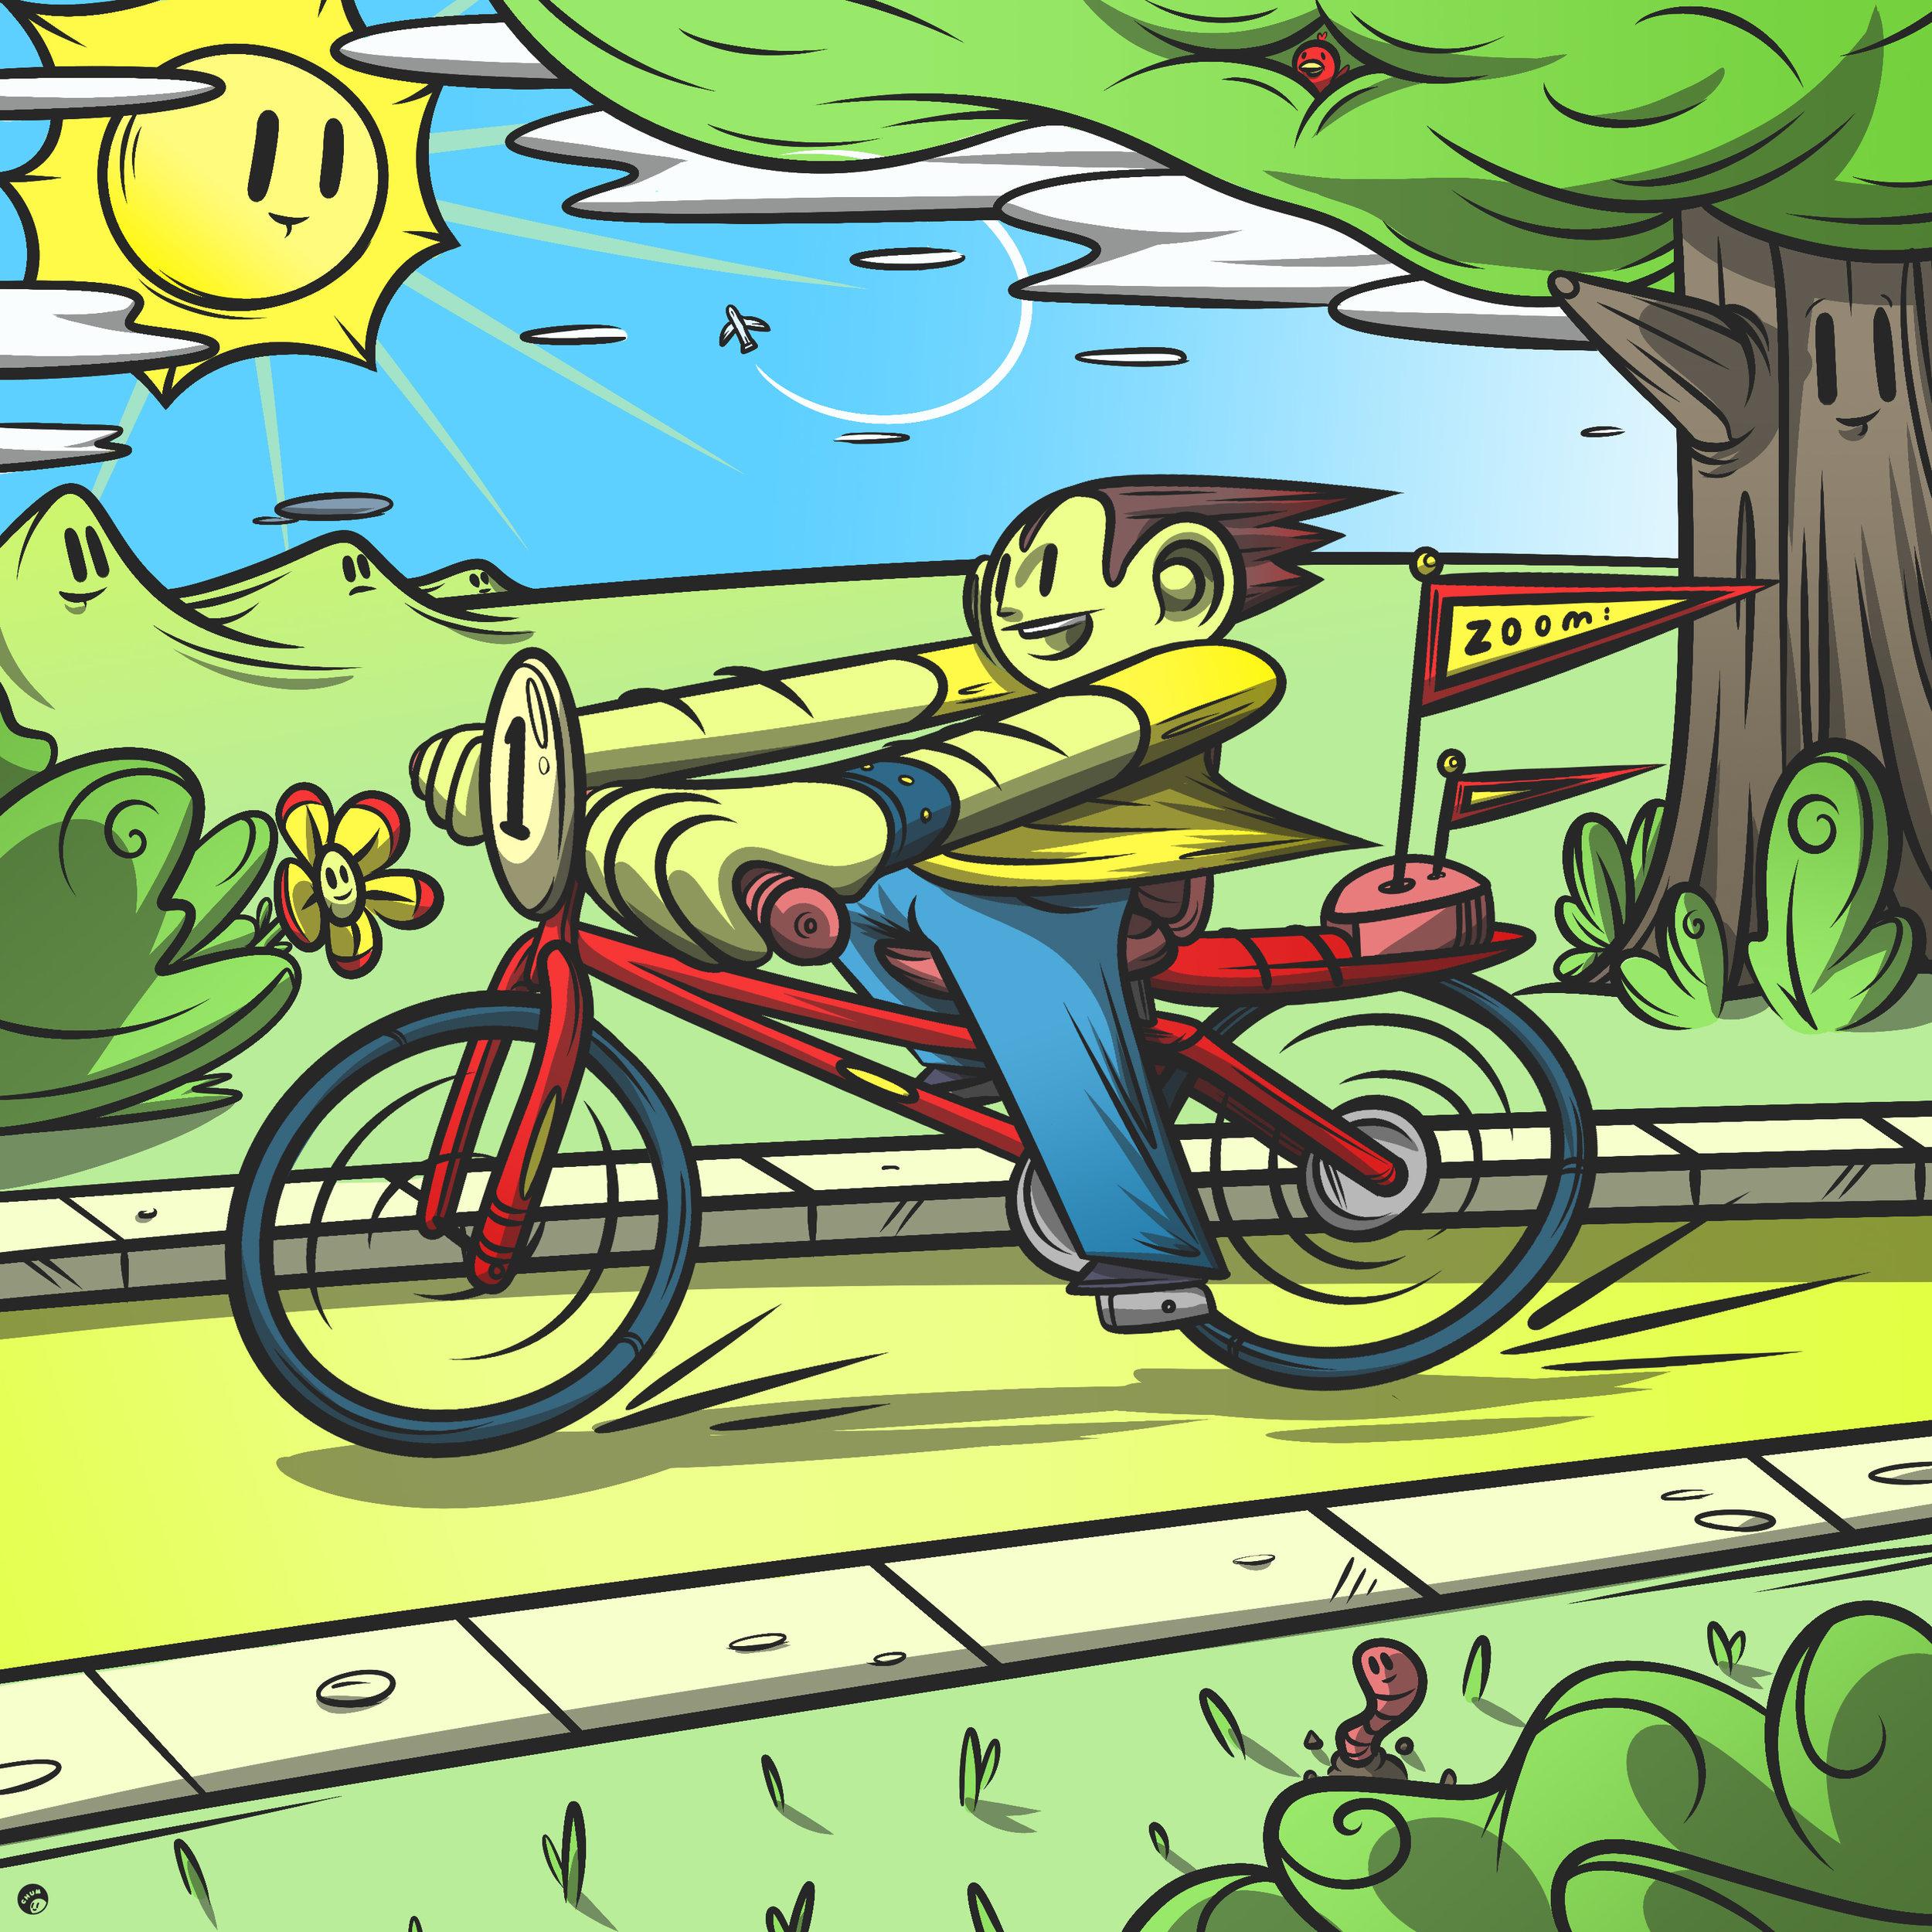 bikey.jpg